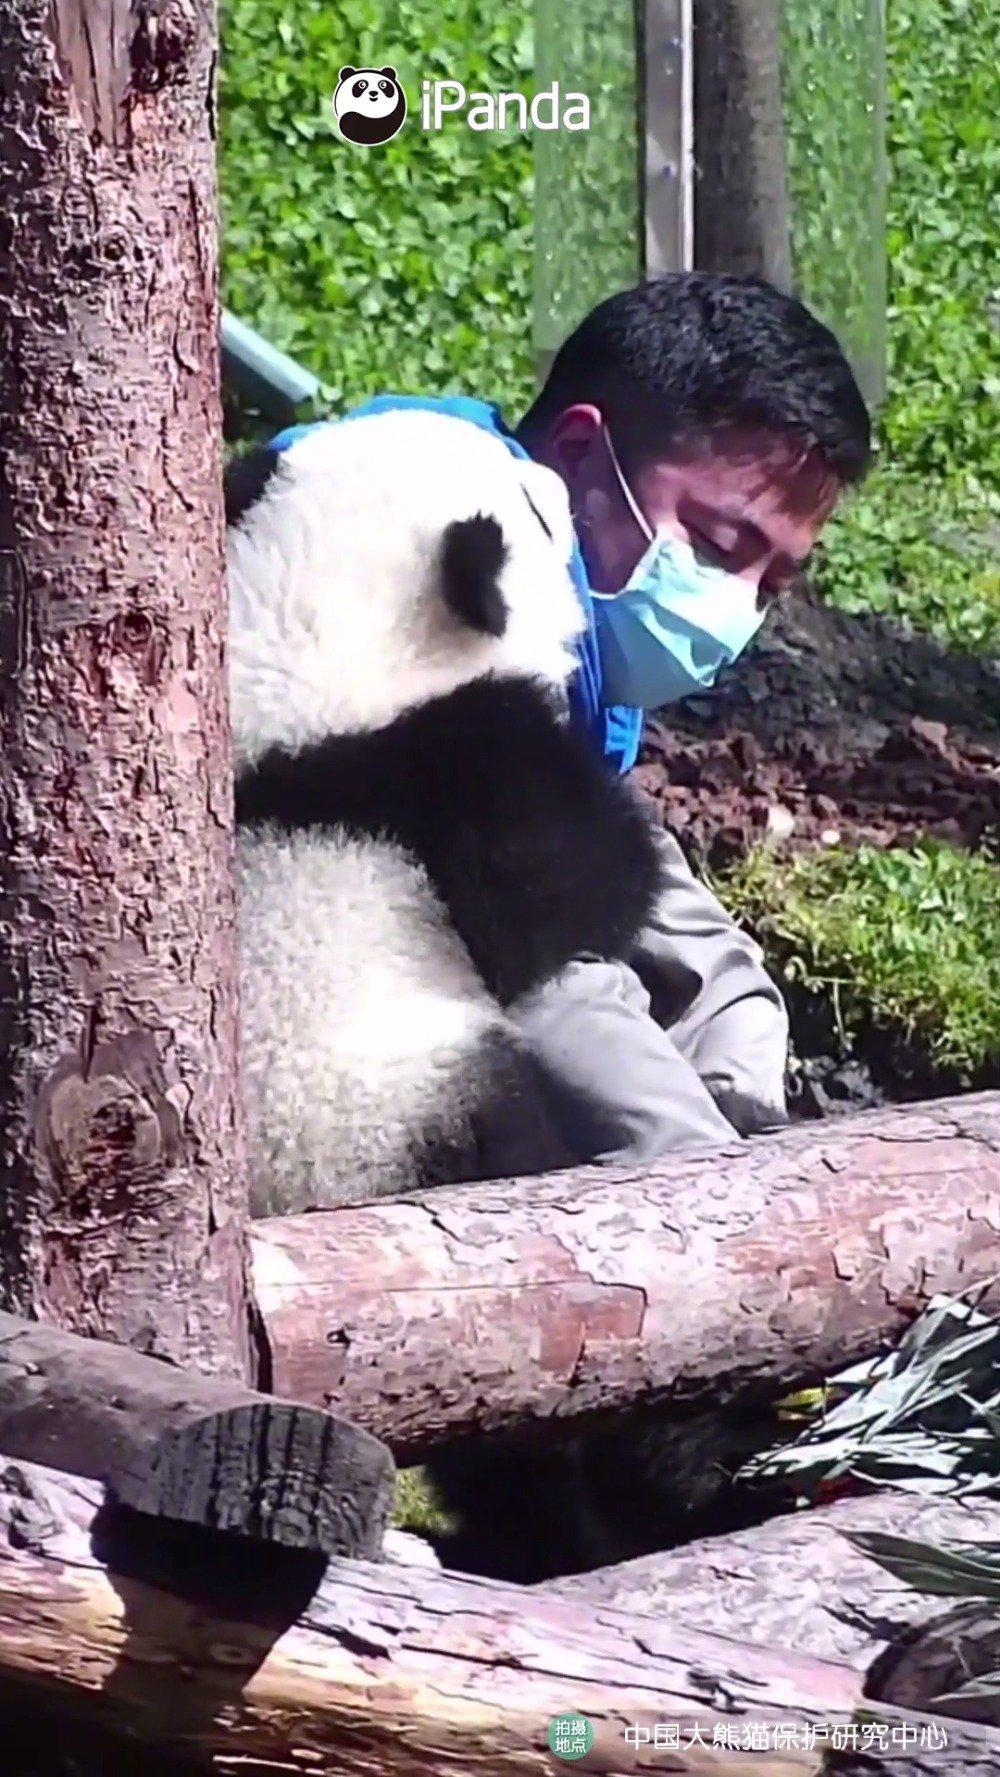 大熊猫饲养员的烦恼:两只熊宝都很可爱